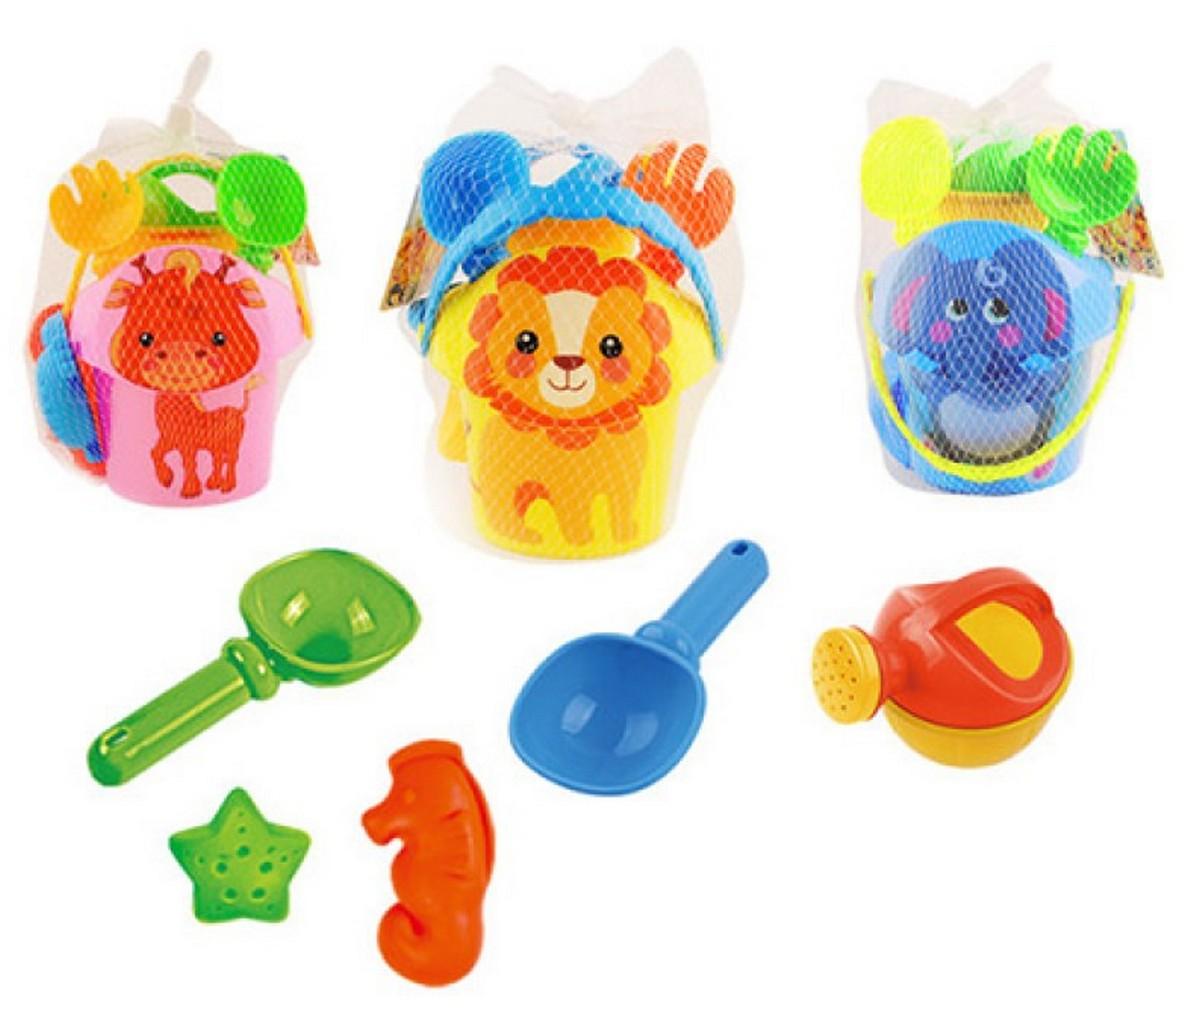 bk toys ltd. Набор для песочницы 3 вида с лейкой 611